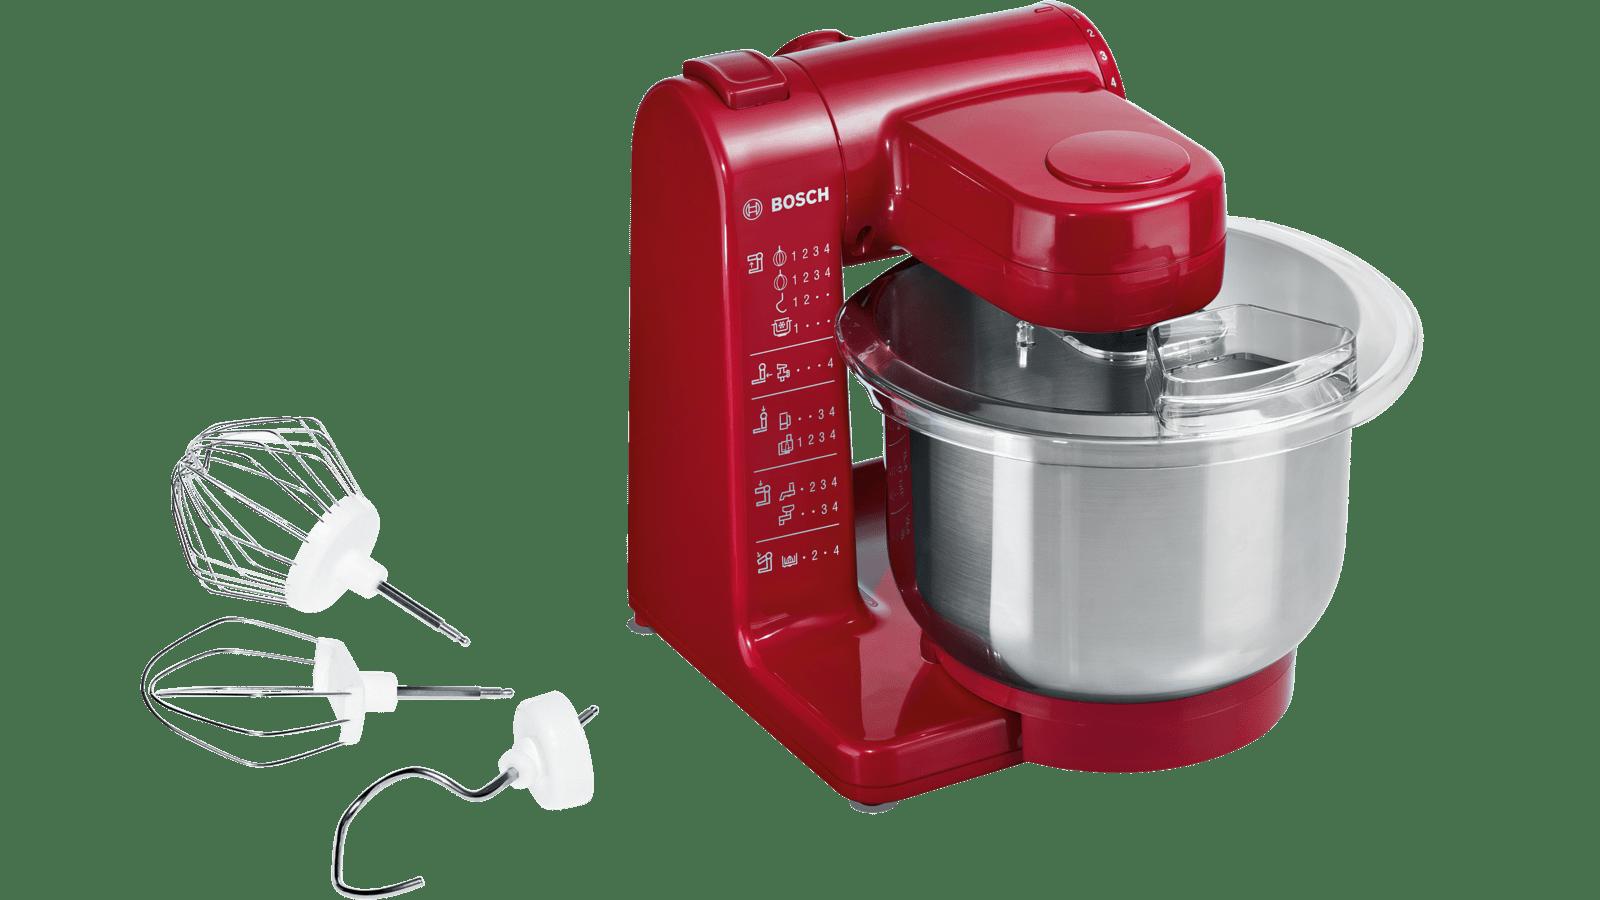 Bosch Batidor para robot de cocina peque/ño mum44..